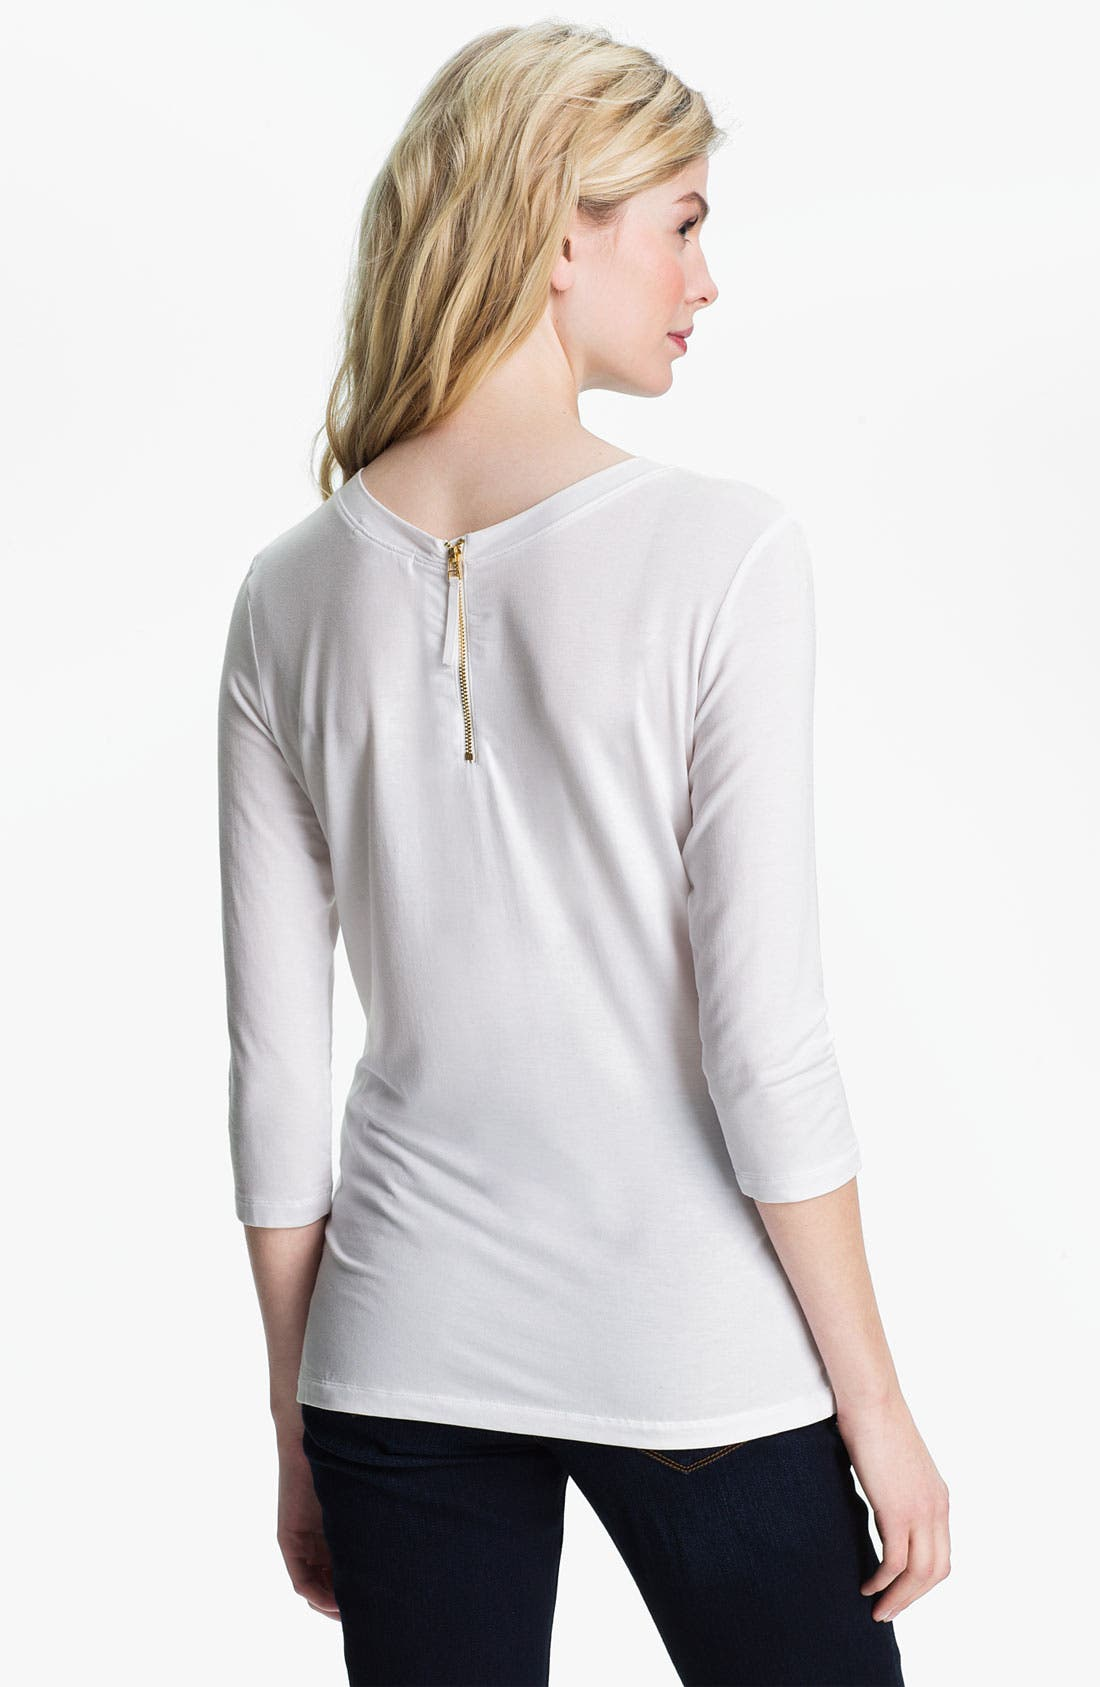 Main Image - Isaac Mizrahi Jeans 'Savannah' Zip Back Top